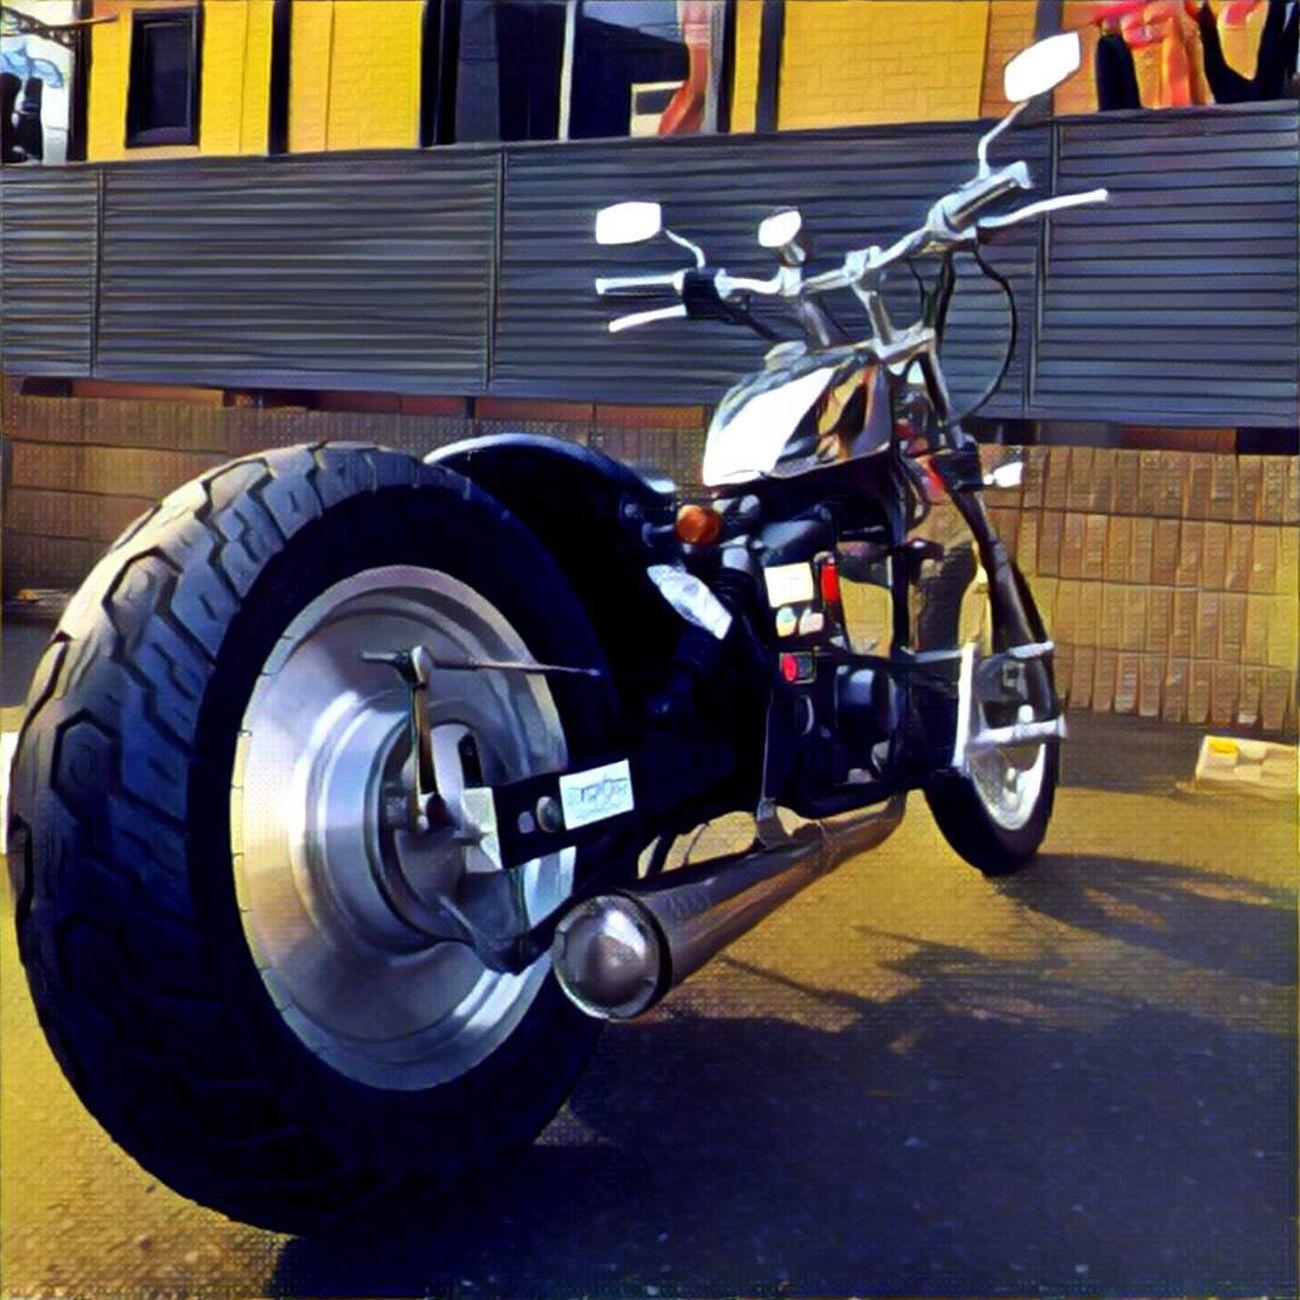 マグナ50 Moterbike Magna50 Honda Motercycle